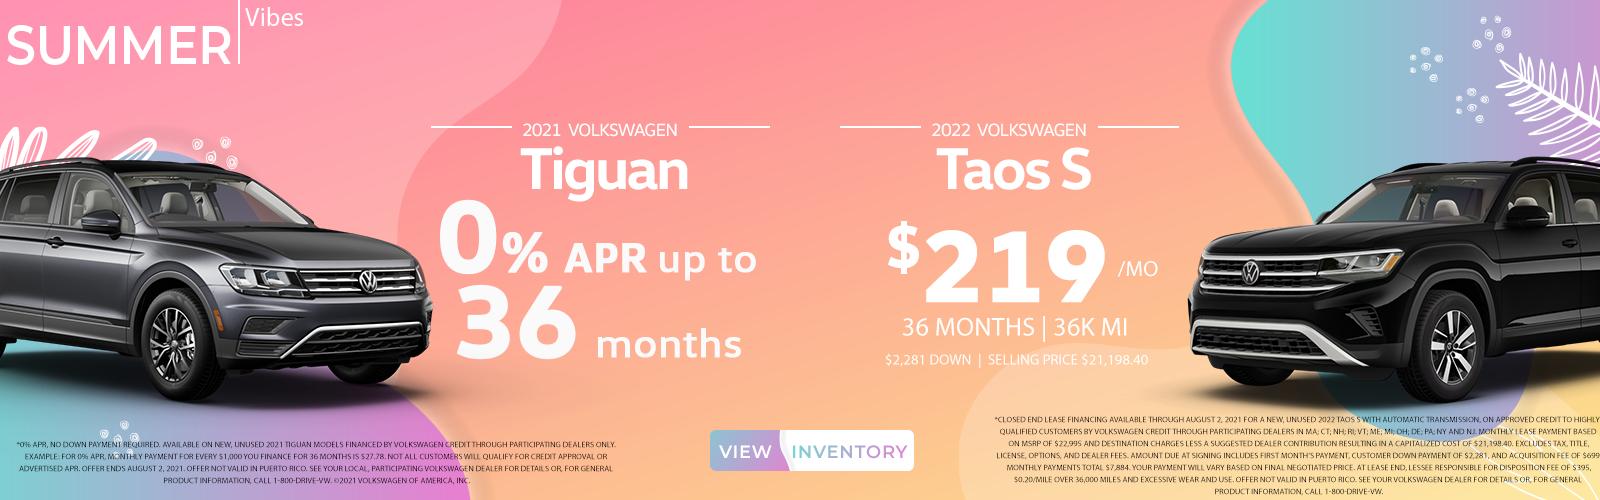 Tiguan + Atlas_July 2021 Special